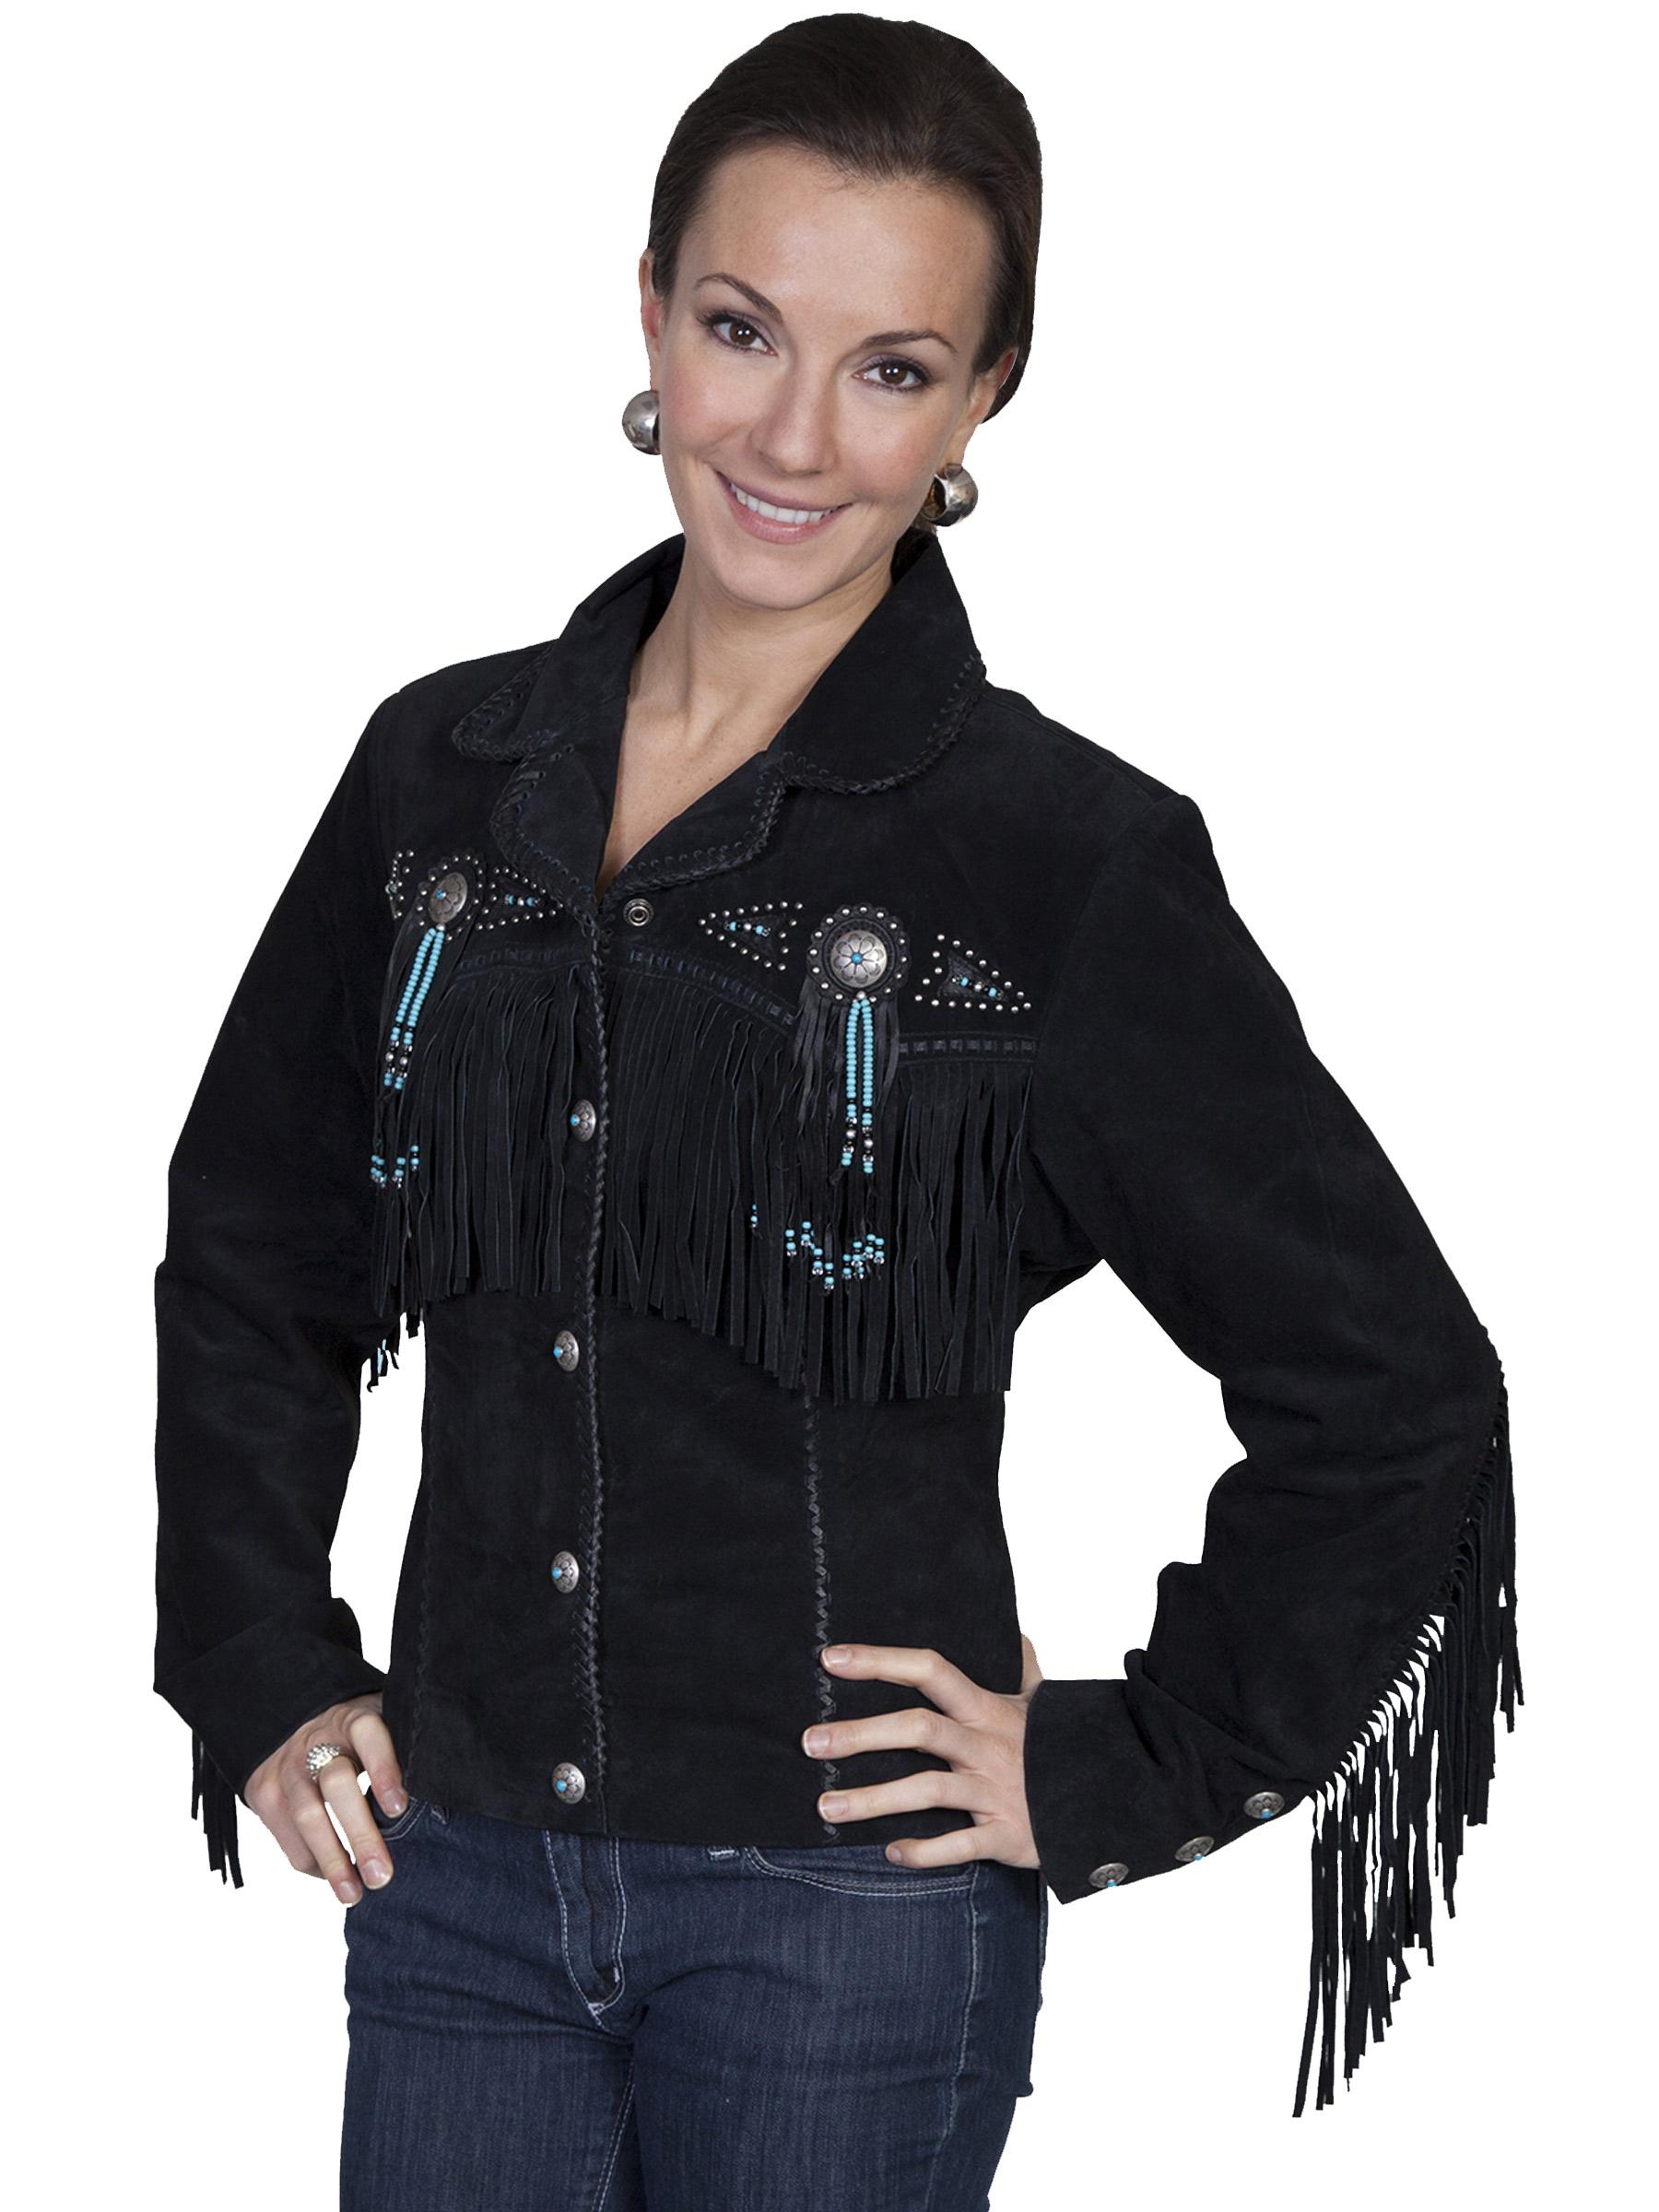 Leather jacket with fringe - Leather Jacket With Fringe 51